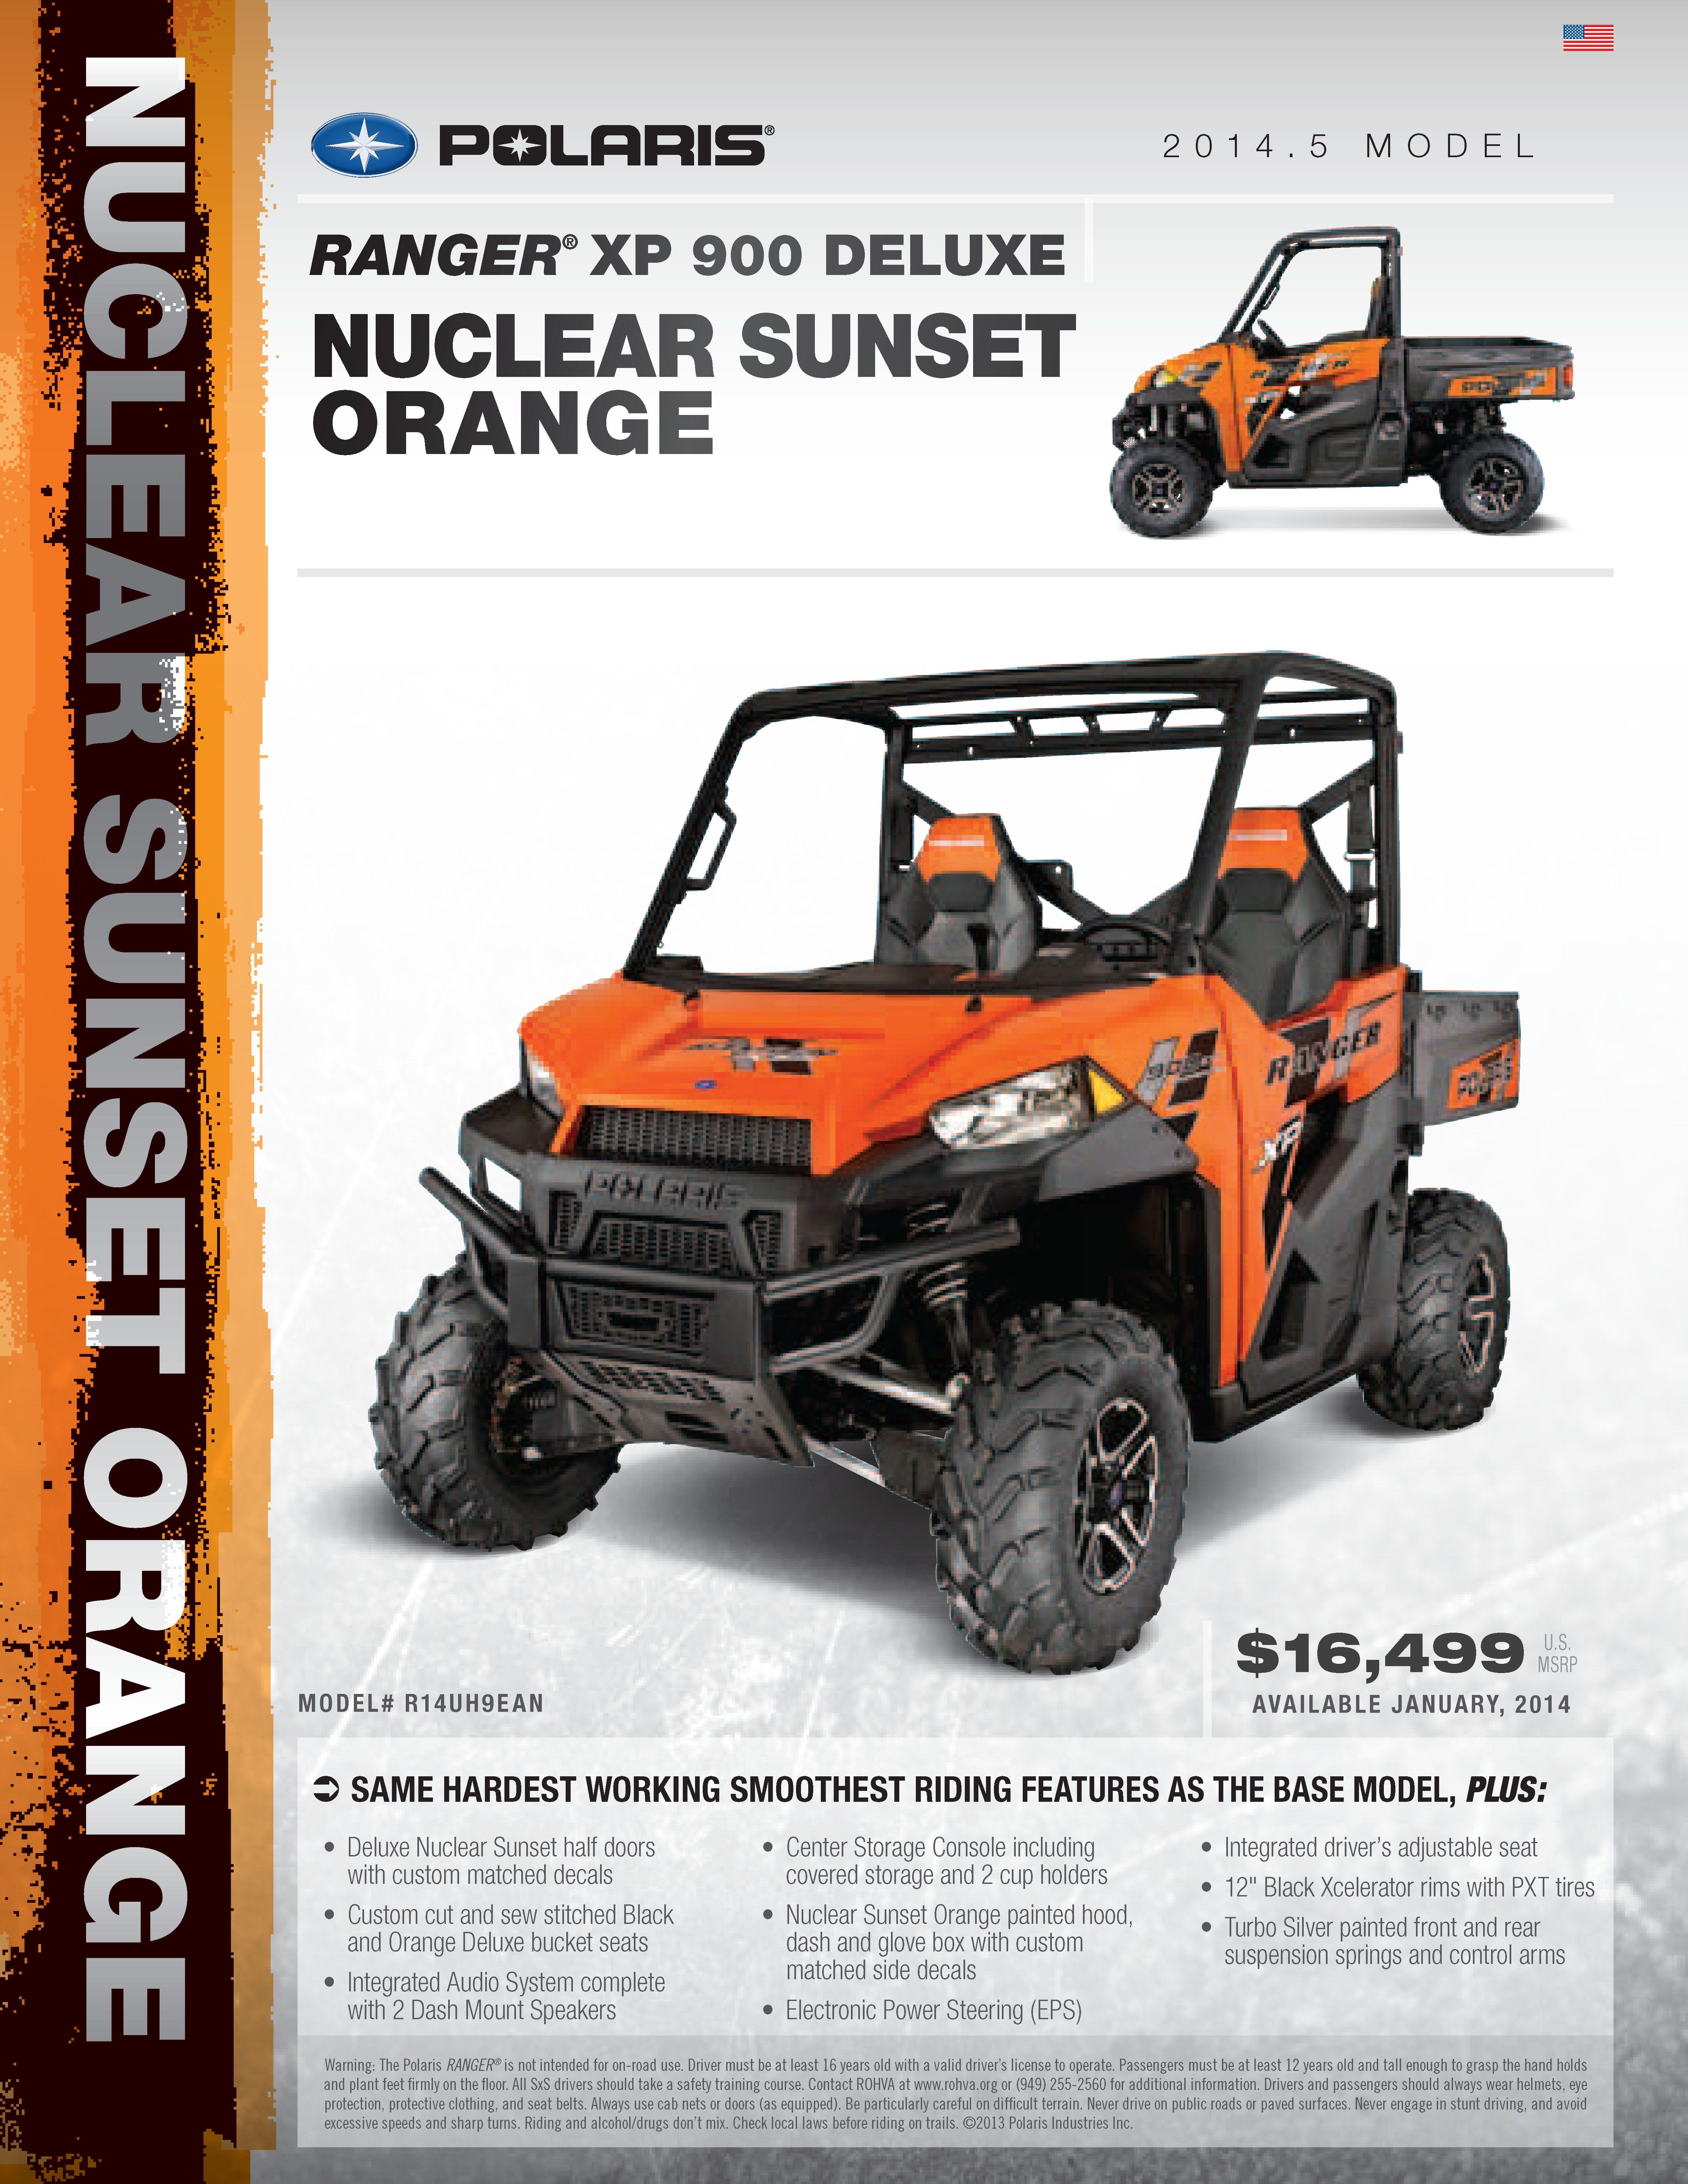 Ranger Xp 900 Deluxe Nuclear Sunset Orange Ranger Polaris Ranger Family Car